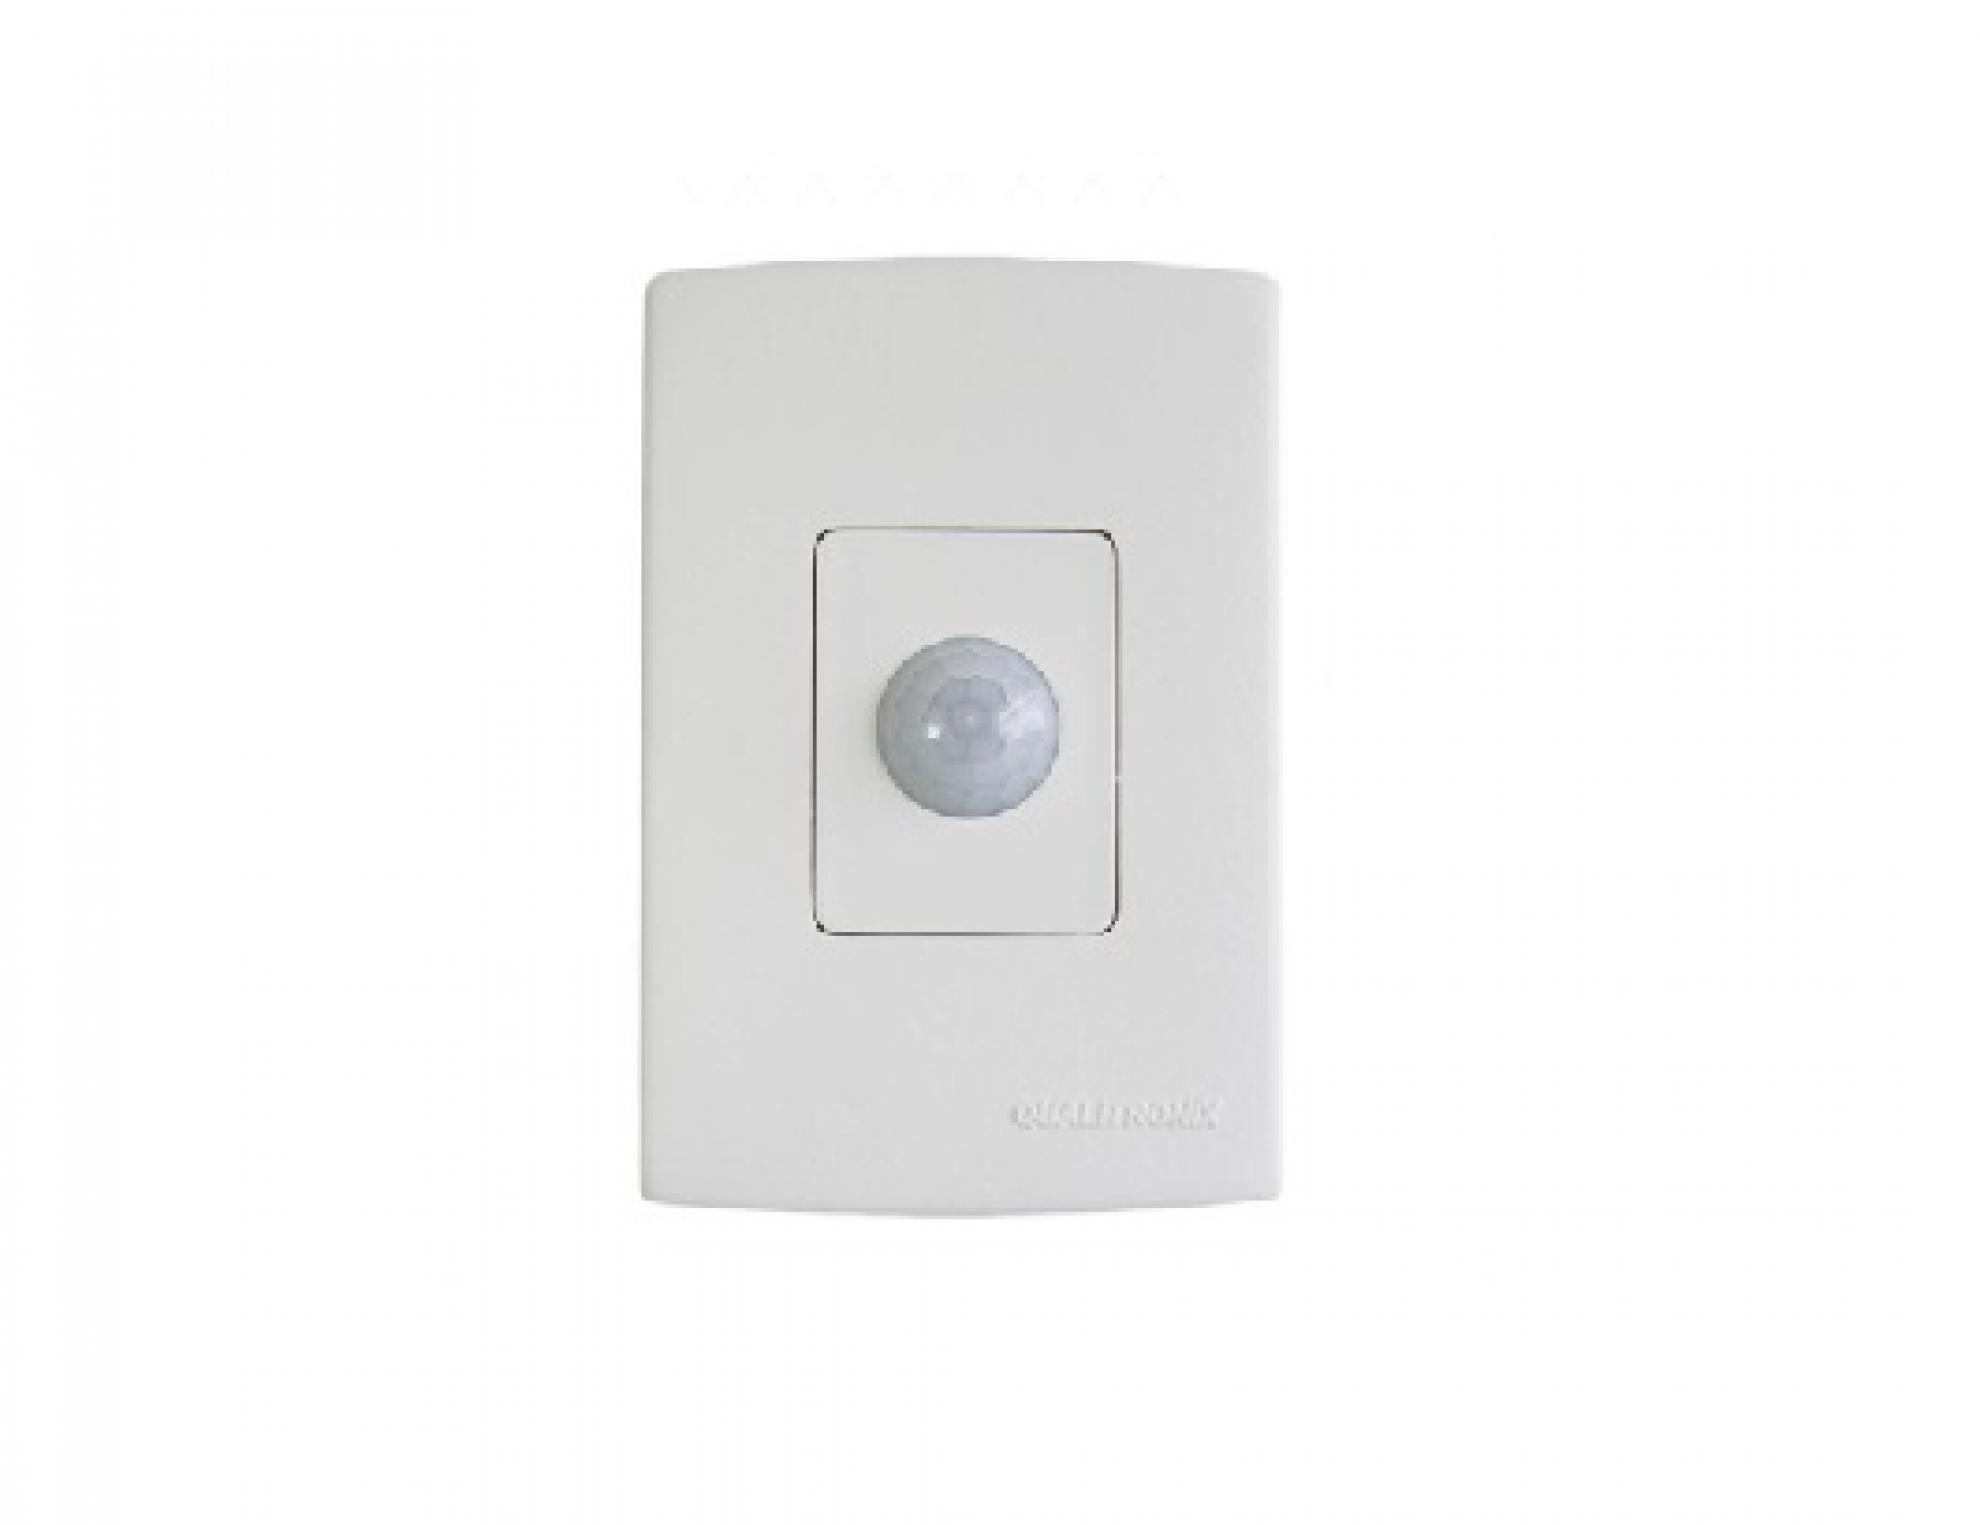 Sensor de presen�a embutir 4x2 - Com fotocelula